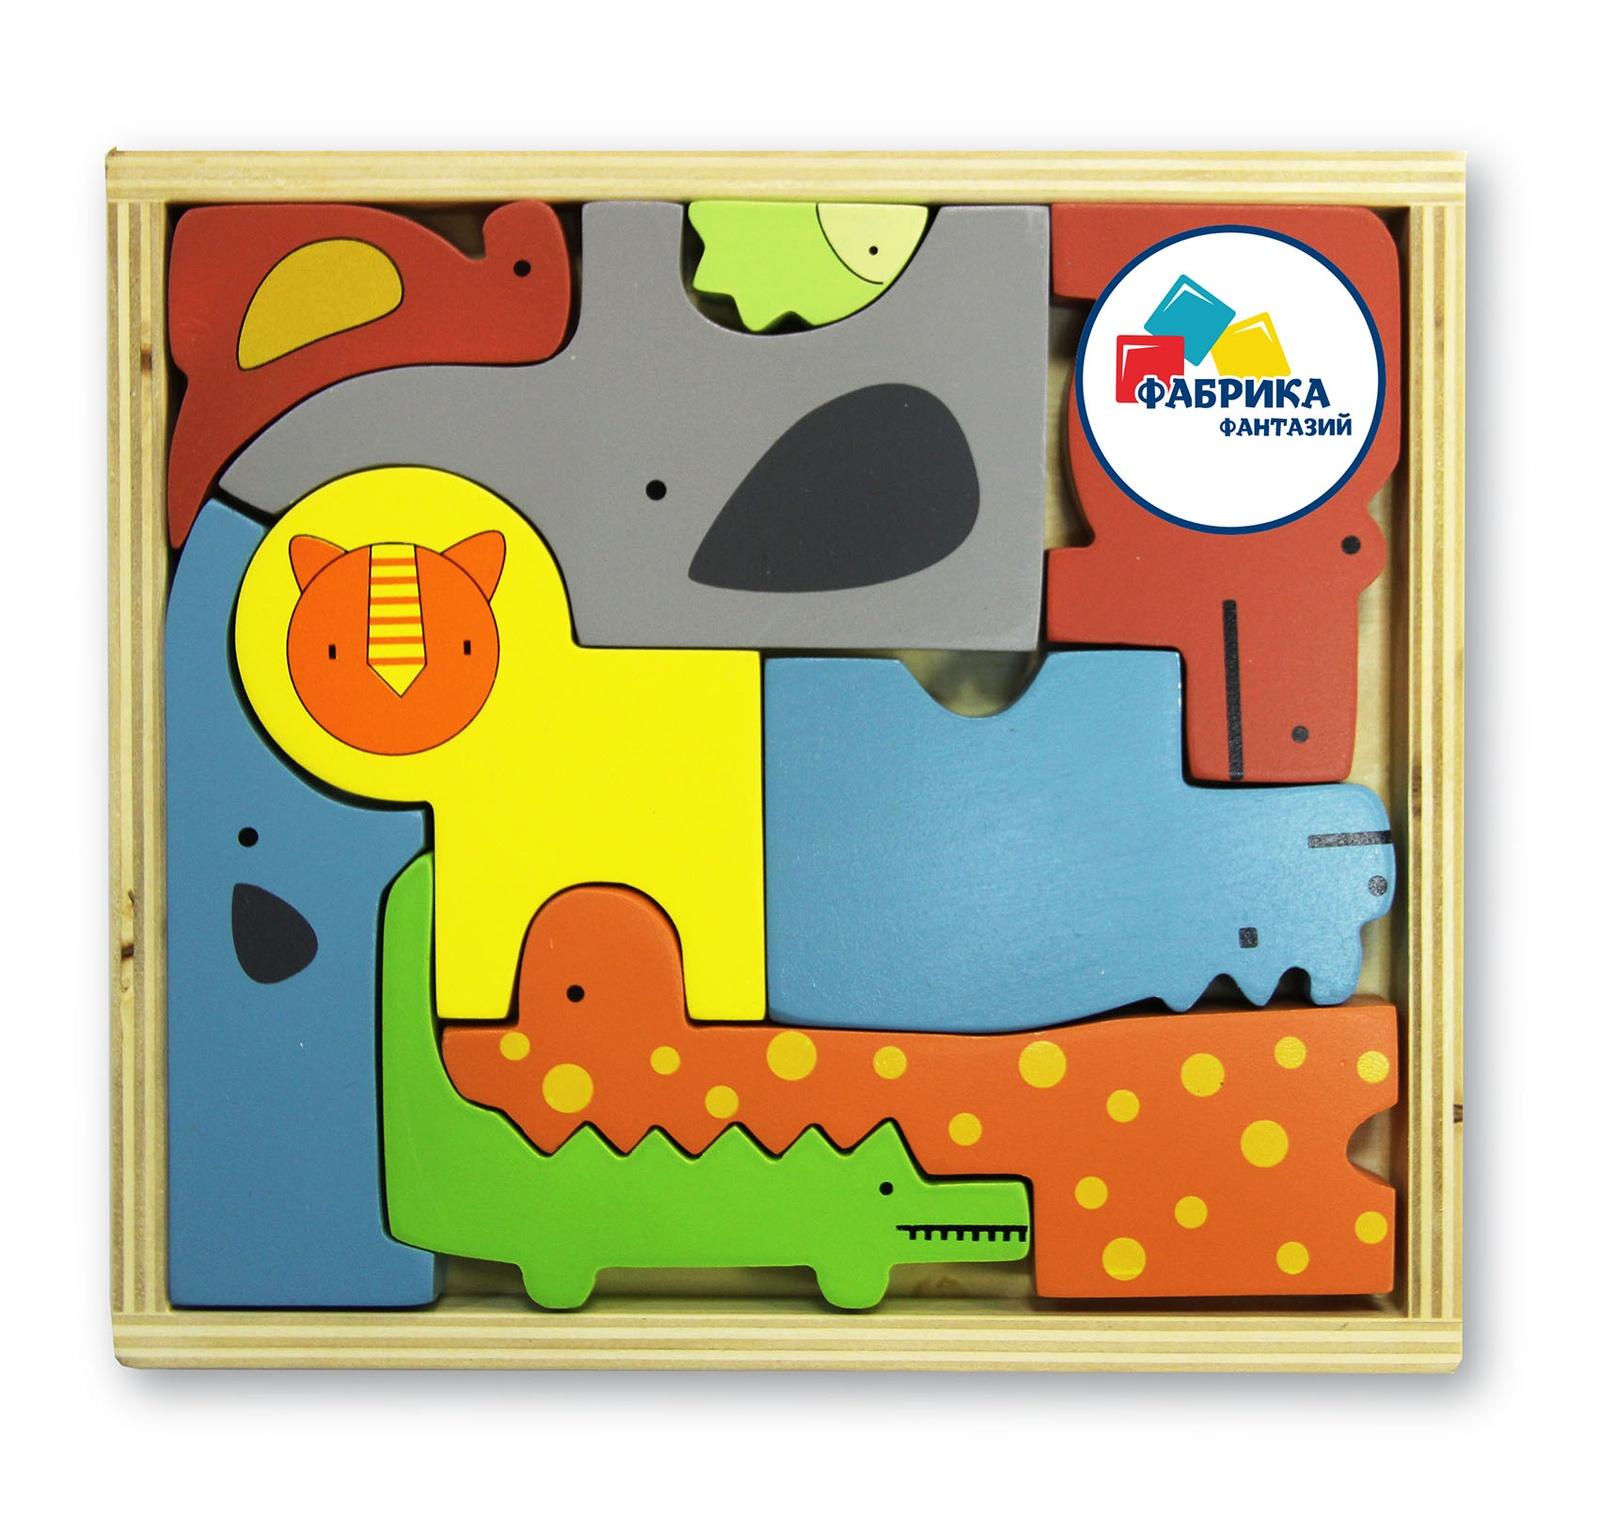 Развивающая игрушка Фабрика Фантазий 72666, 72666 фабрика фантазий обучающая игра фигурки животных чей малыш 60097